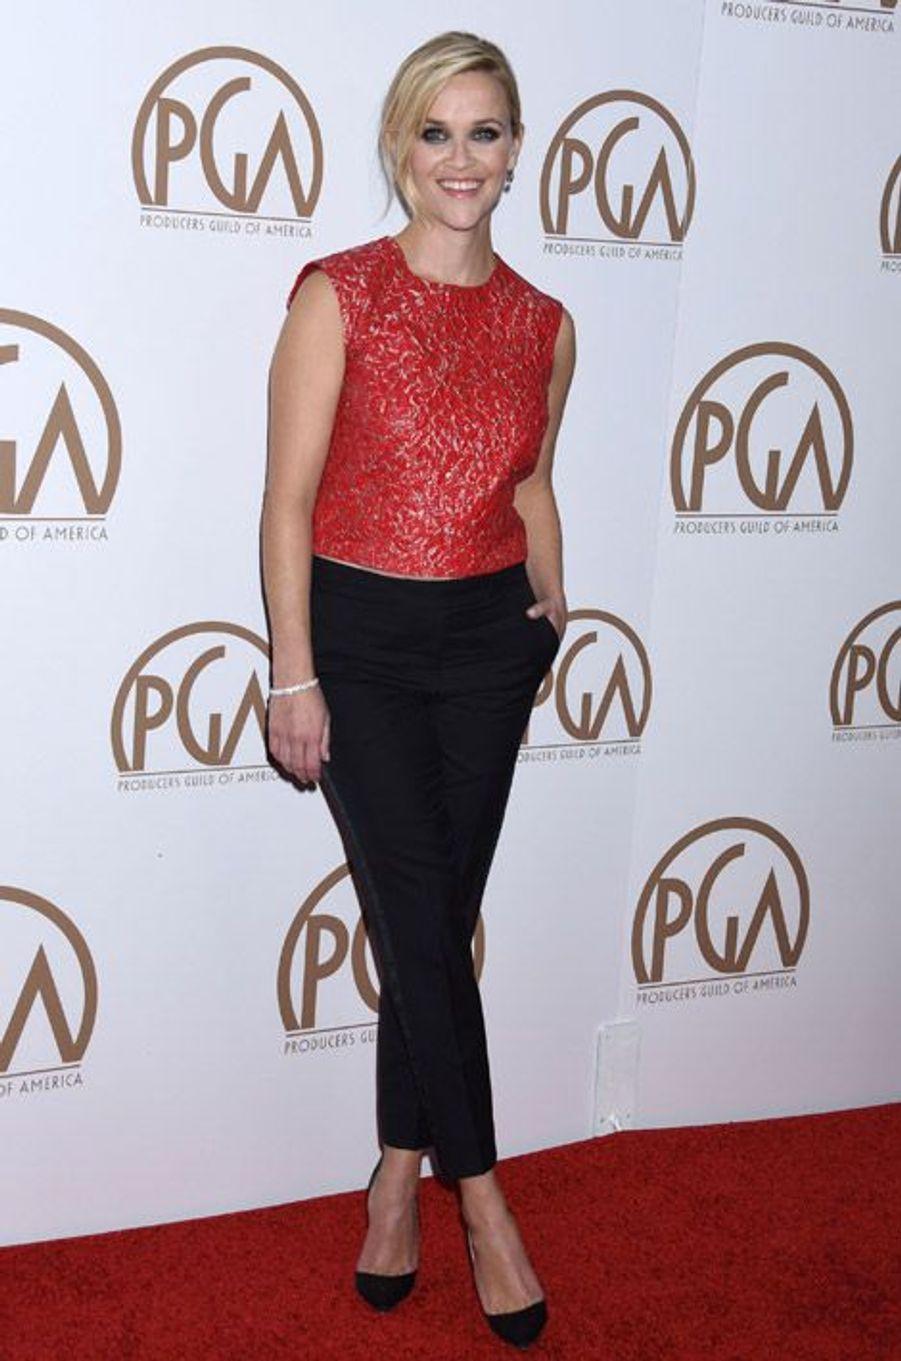 L'actrice Reese Witherspoon en Giambattista Valli lors de la cérémonie des Producers Guild Awards à Los Angeles, le 24 janvier 2015